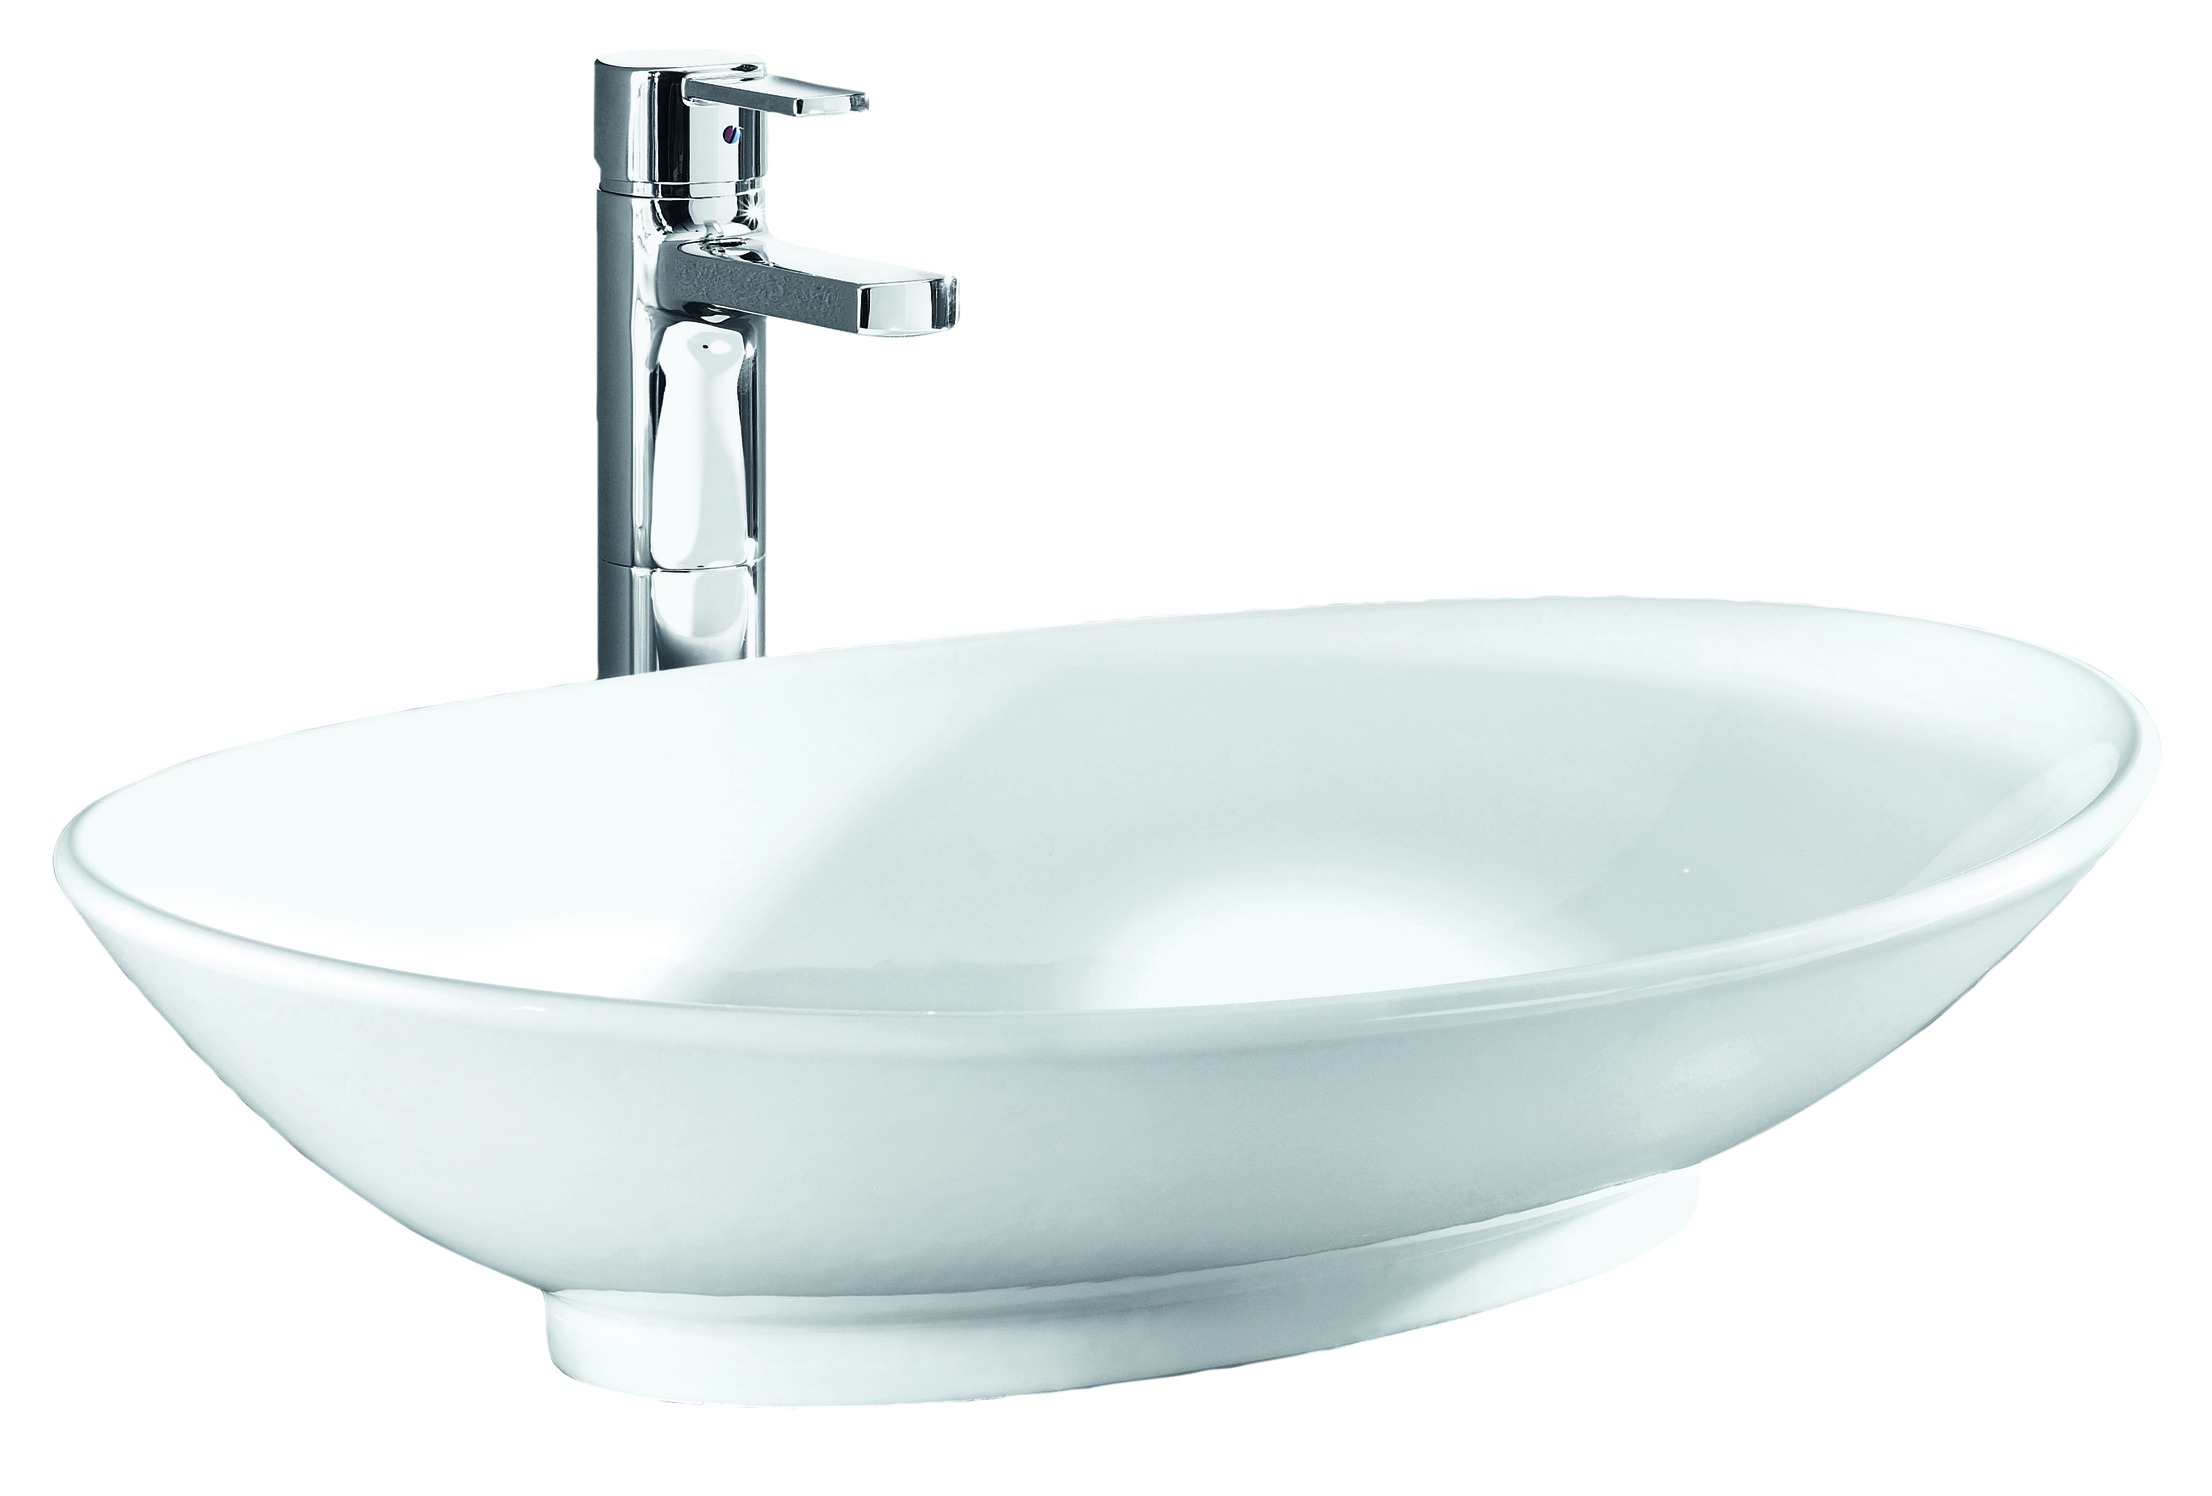 Vigour derby körperform badewanne ablauf mittig weiß 170x75cm lfl